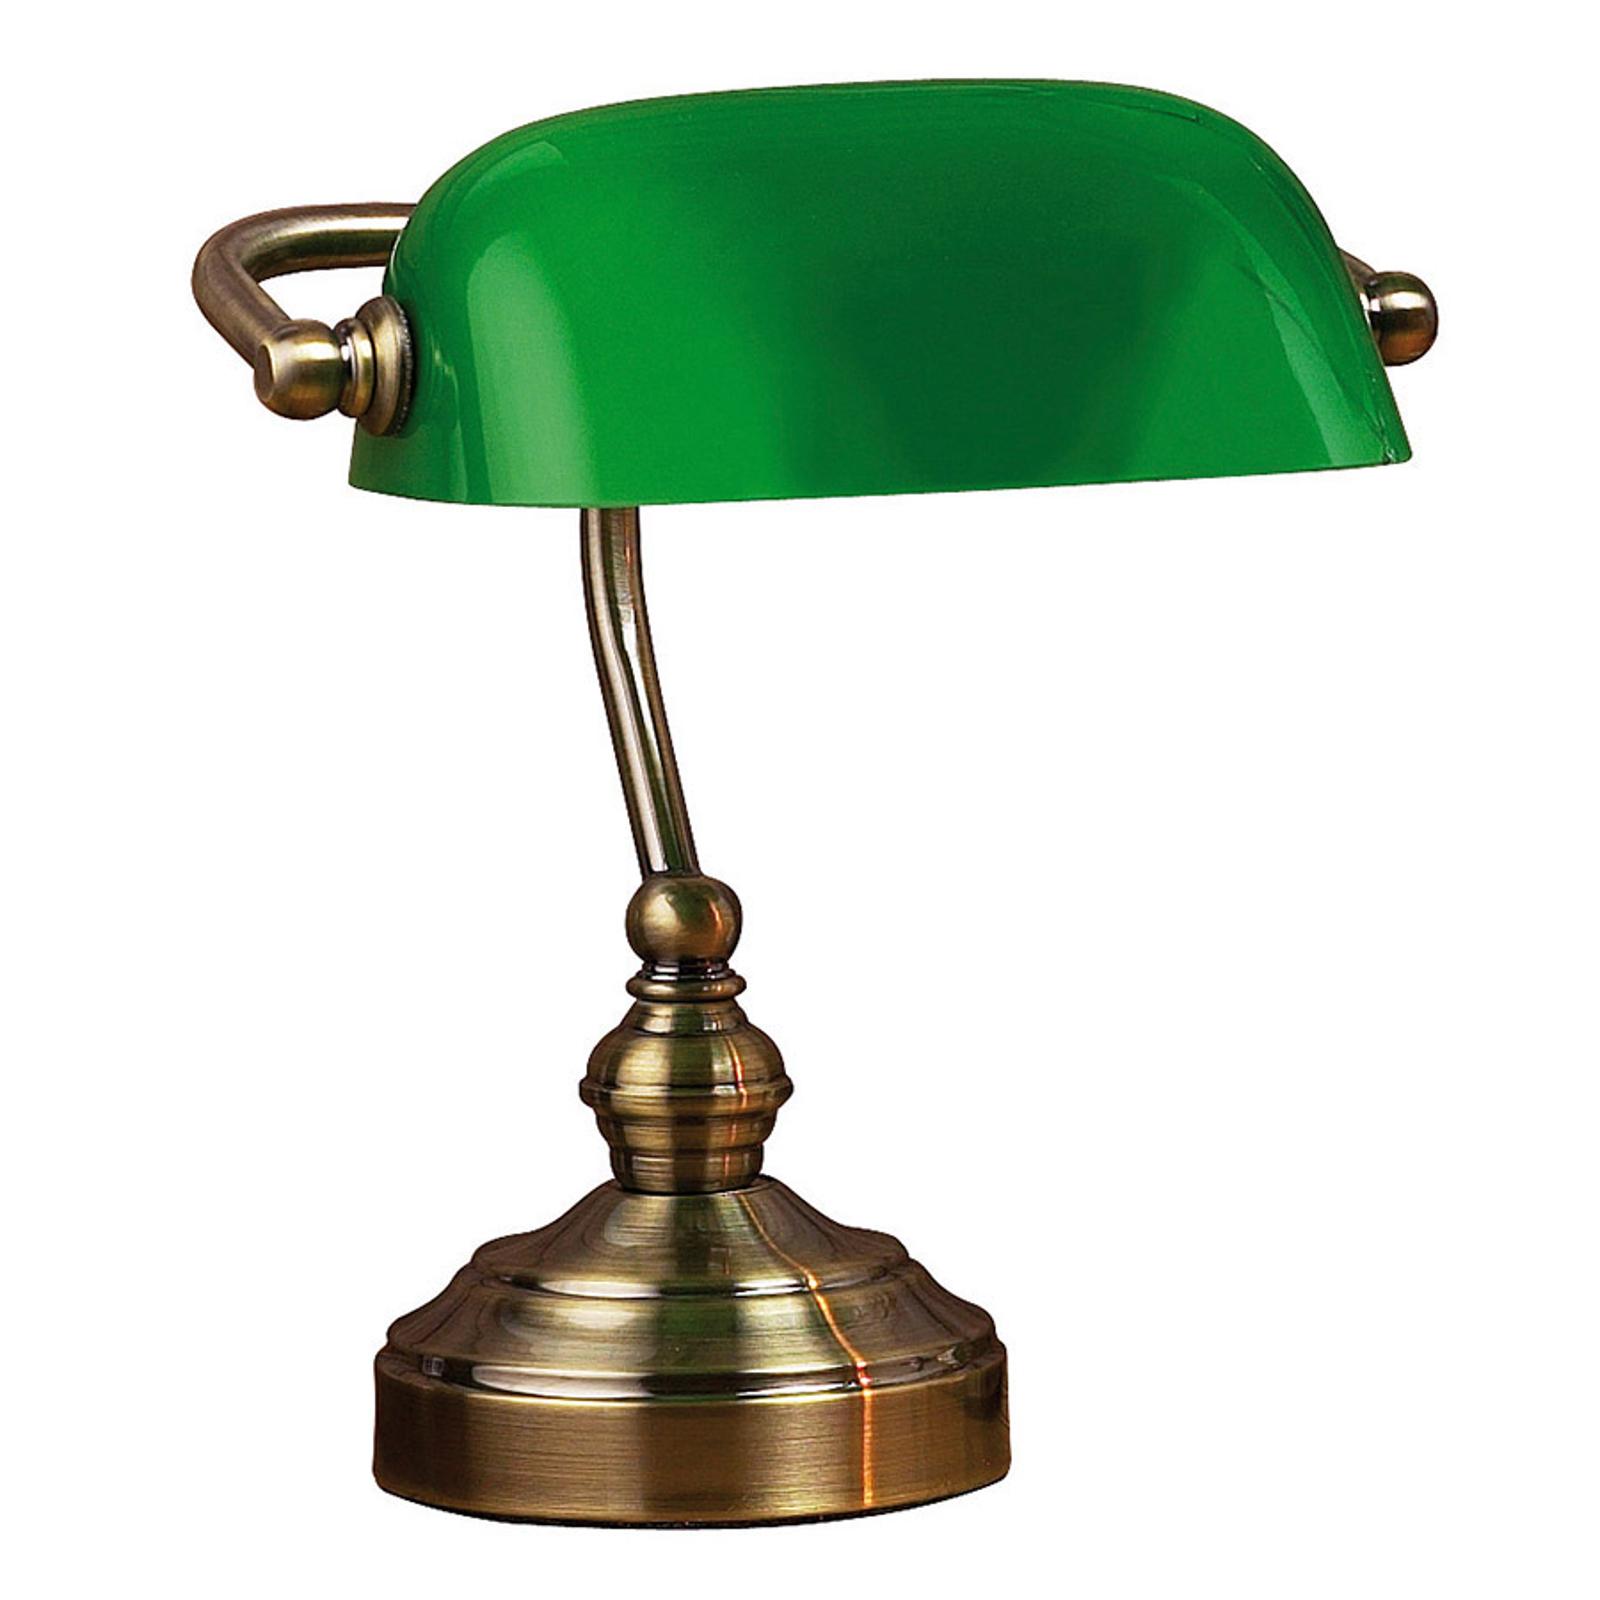 Pöytävalaisin Bankers, korkeus 25 cm, vihreä